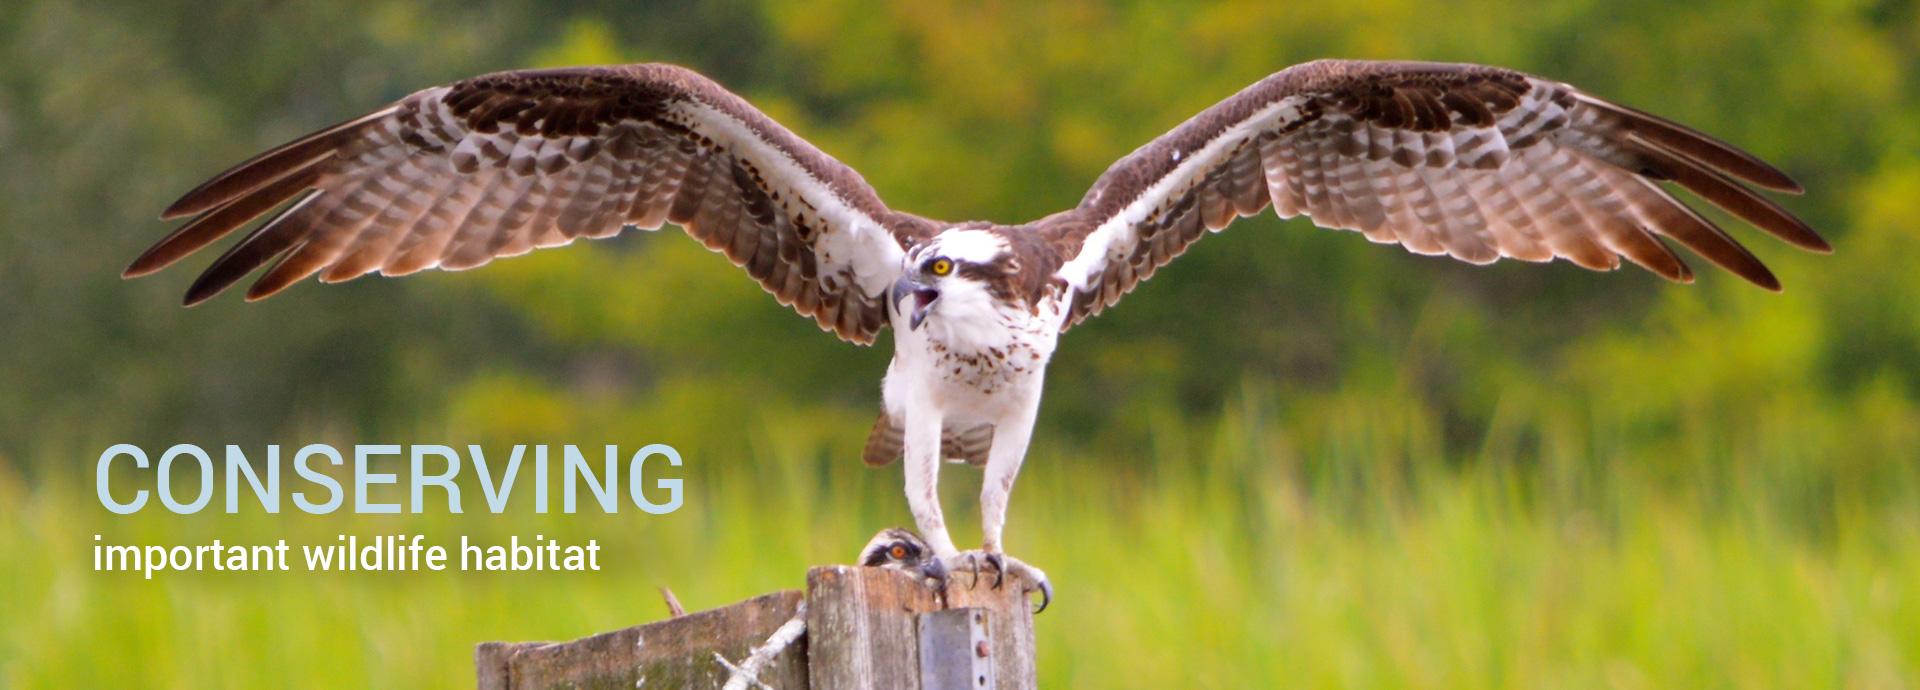 conserving important wildlife habitat